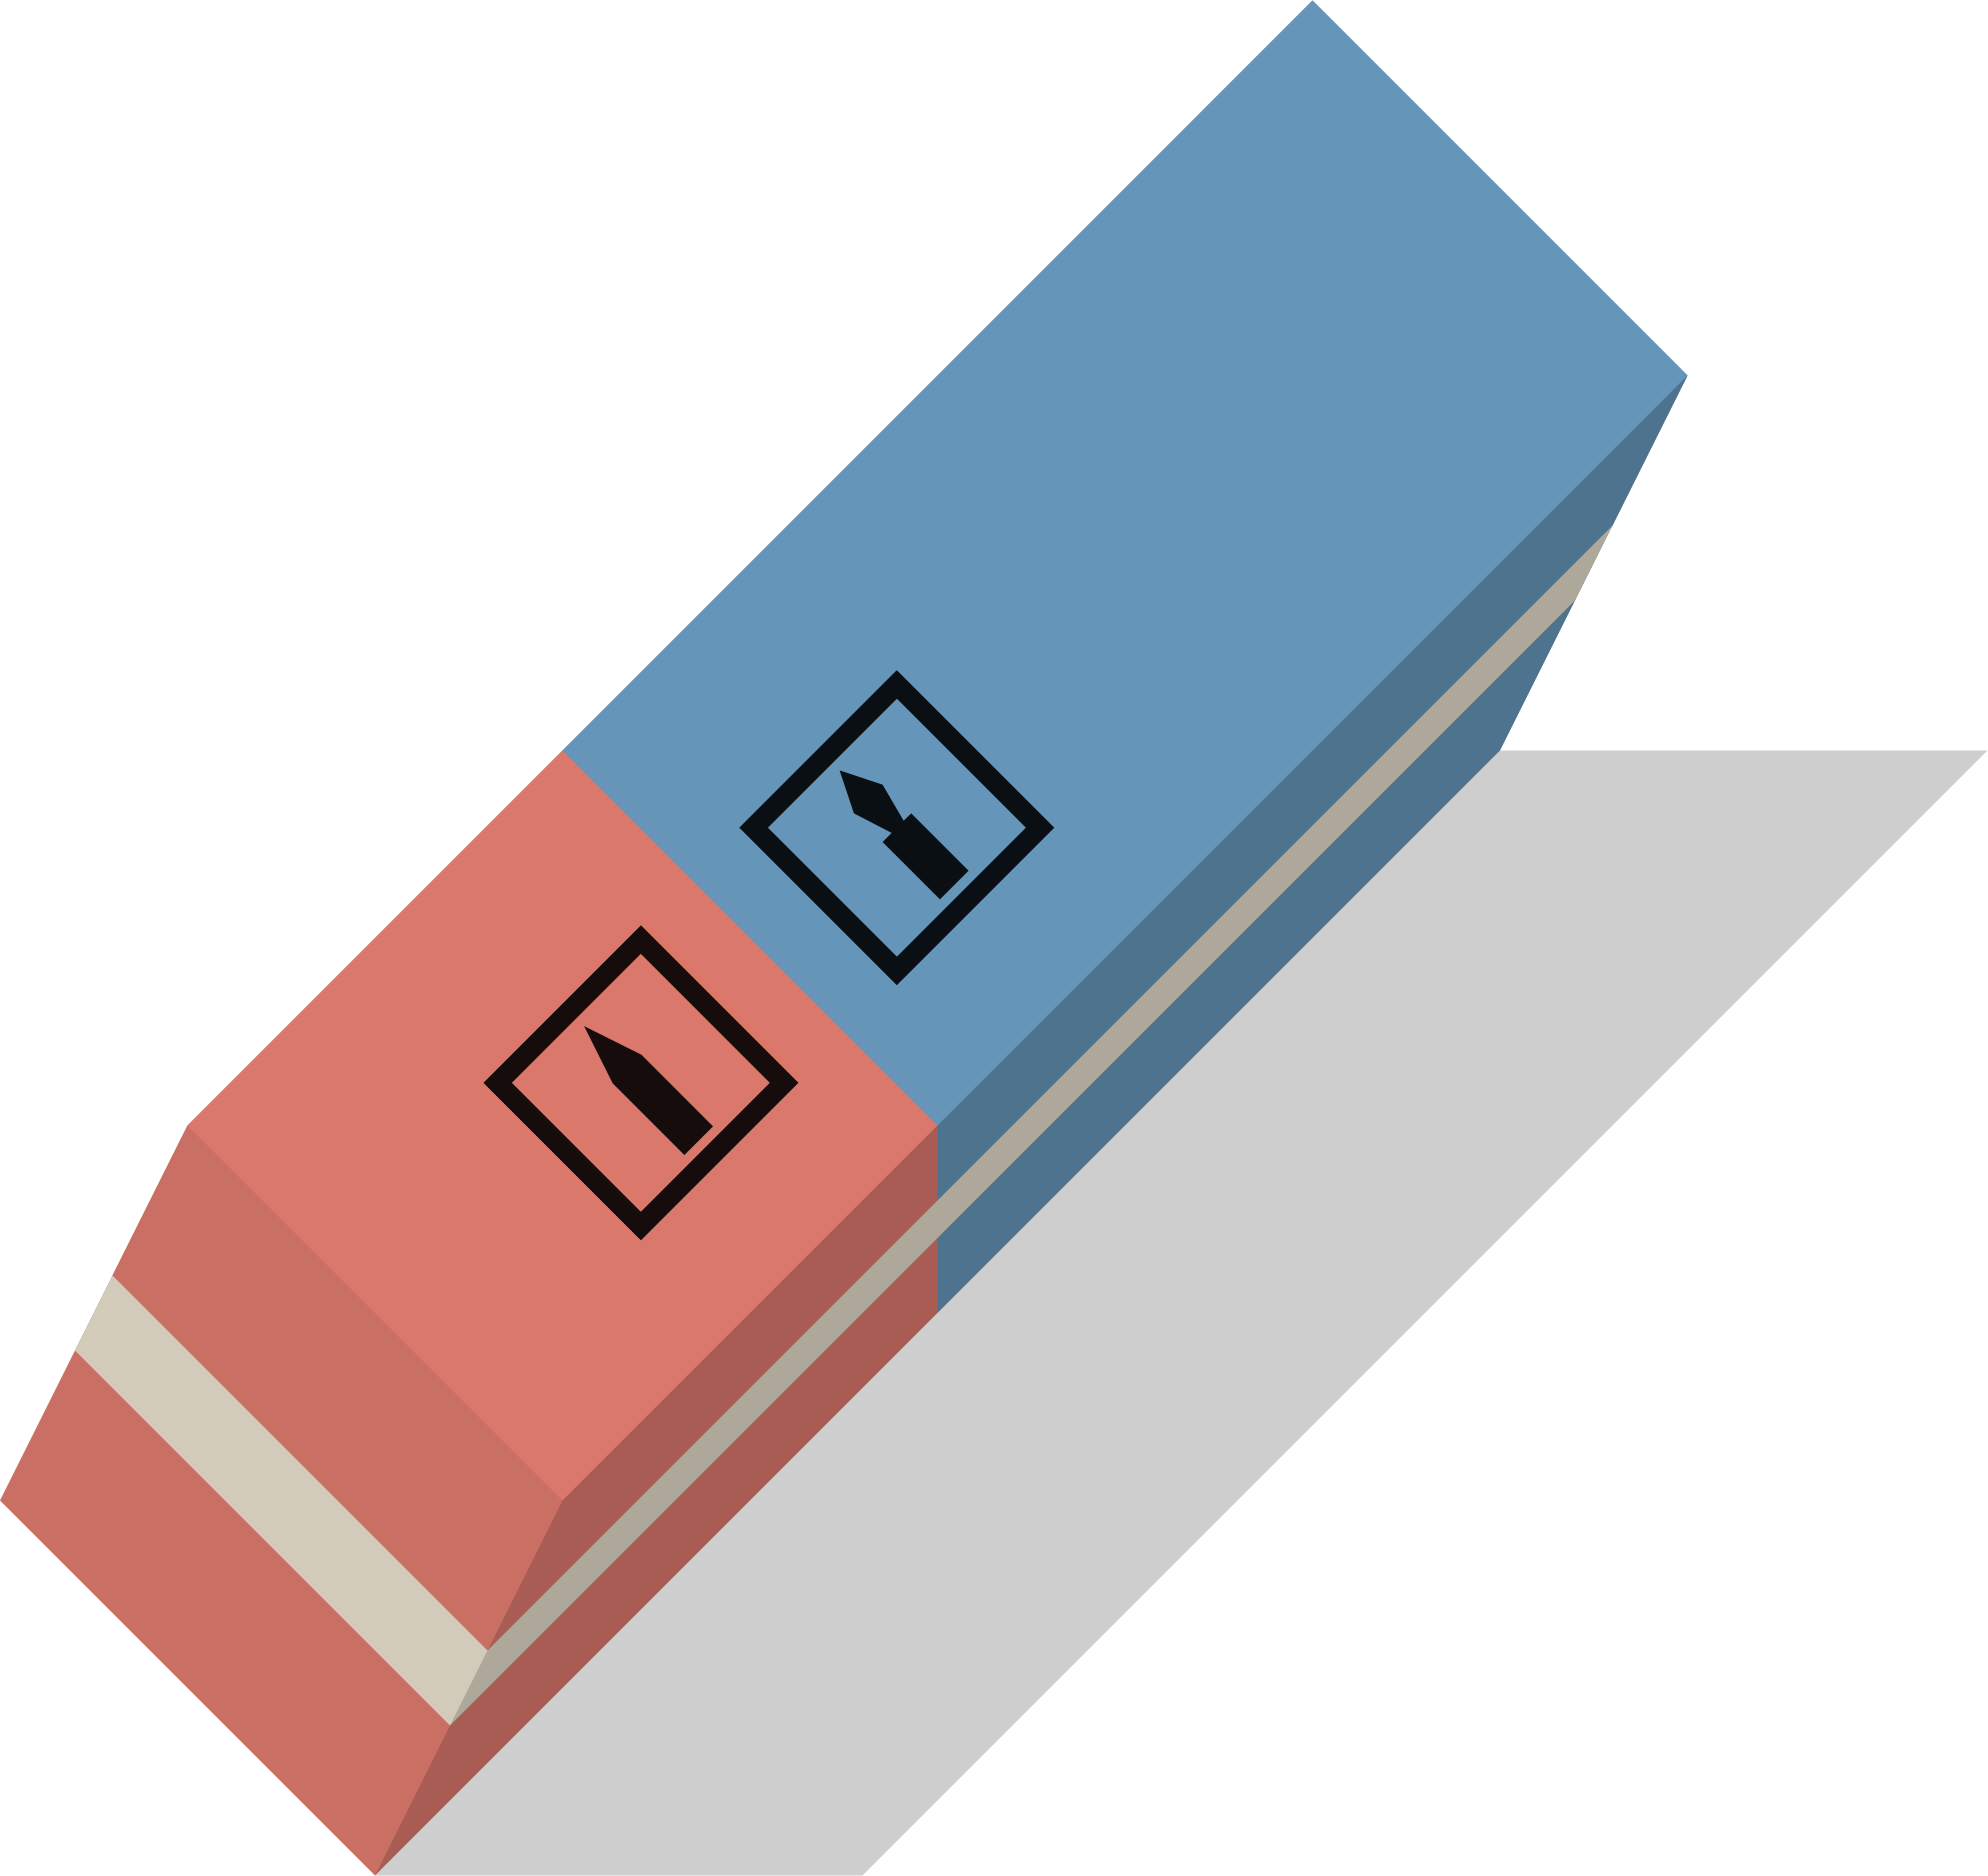 Clipart eraser